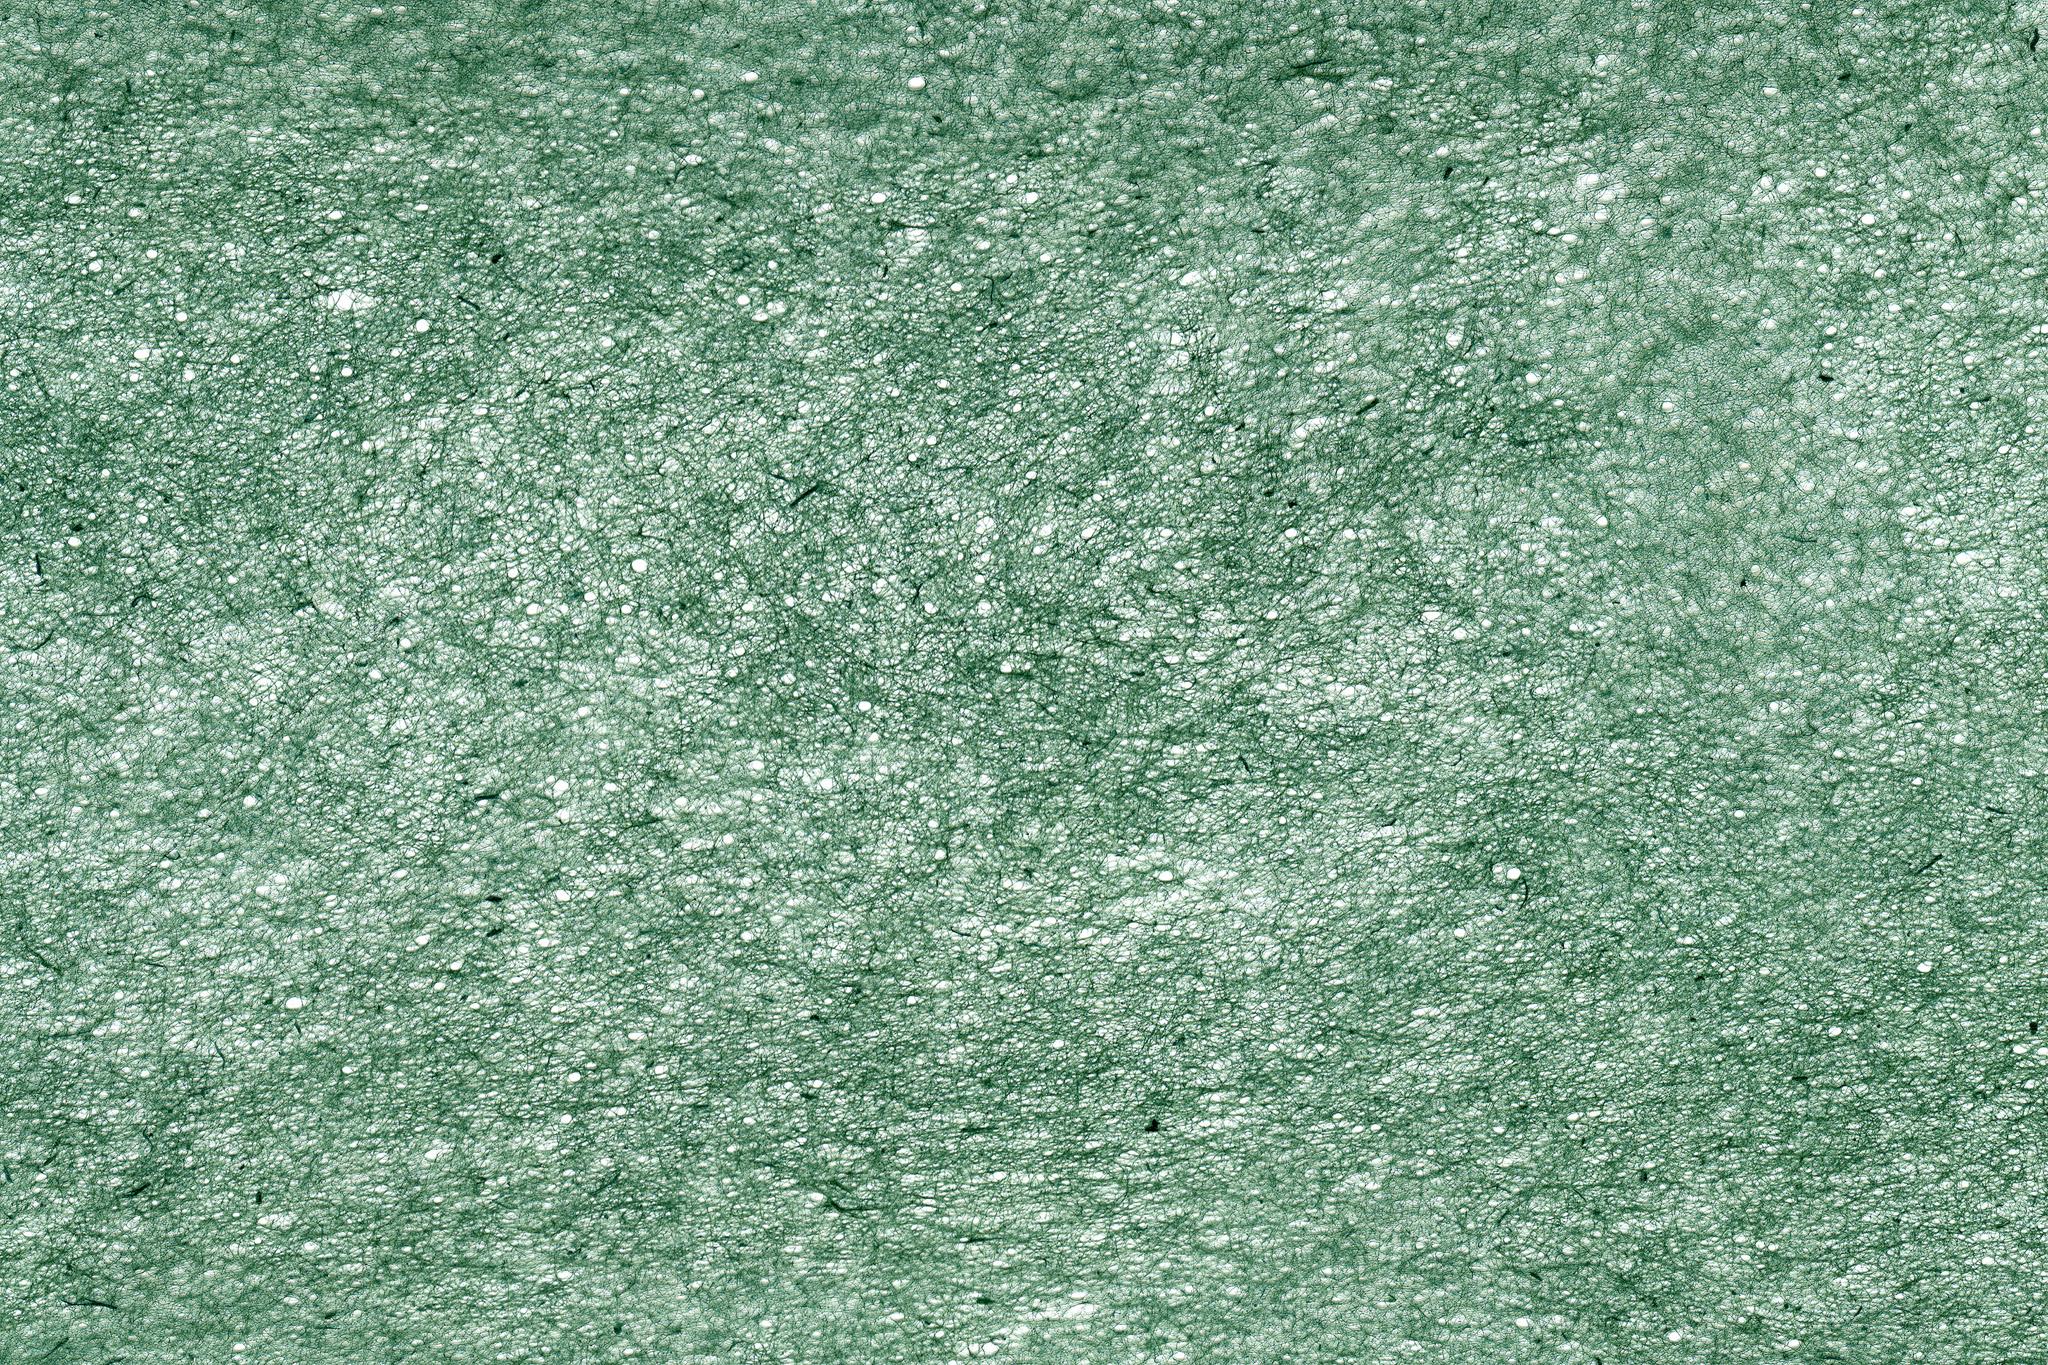 「緑色の極薄和紙」の画像を無料ダウンロード